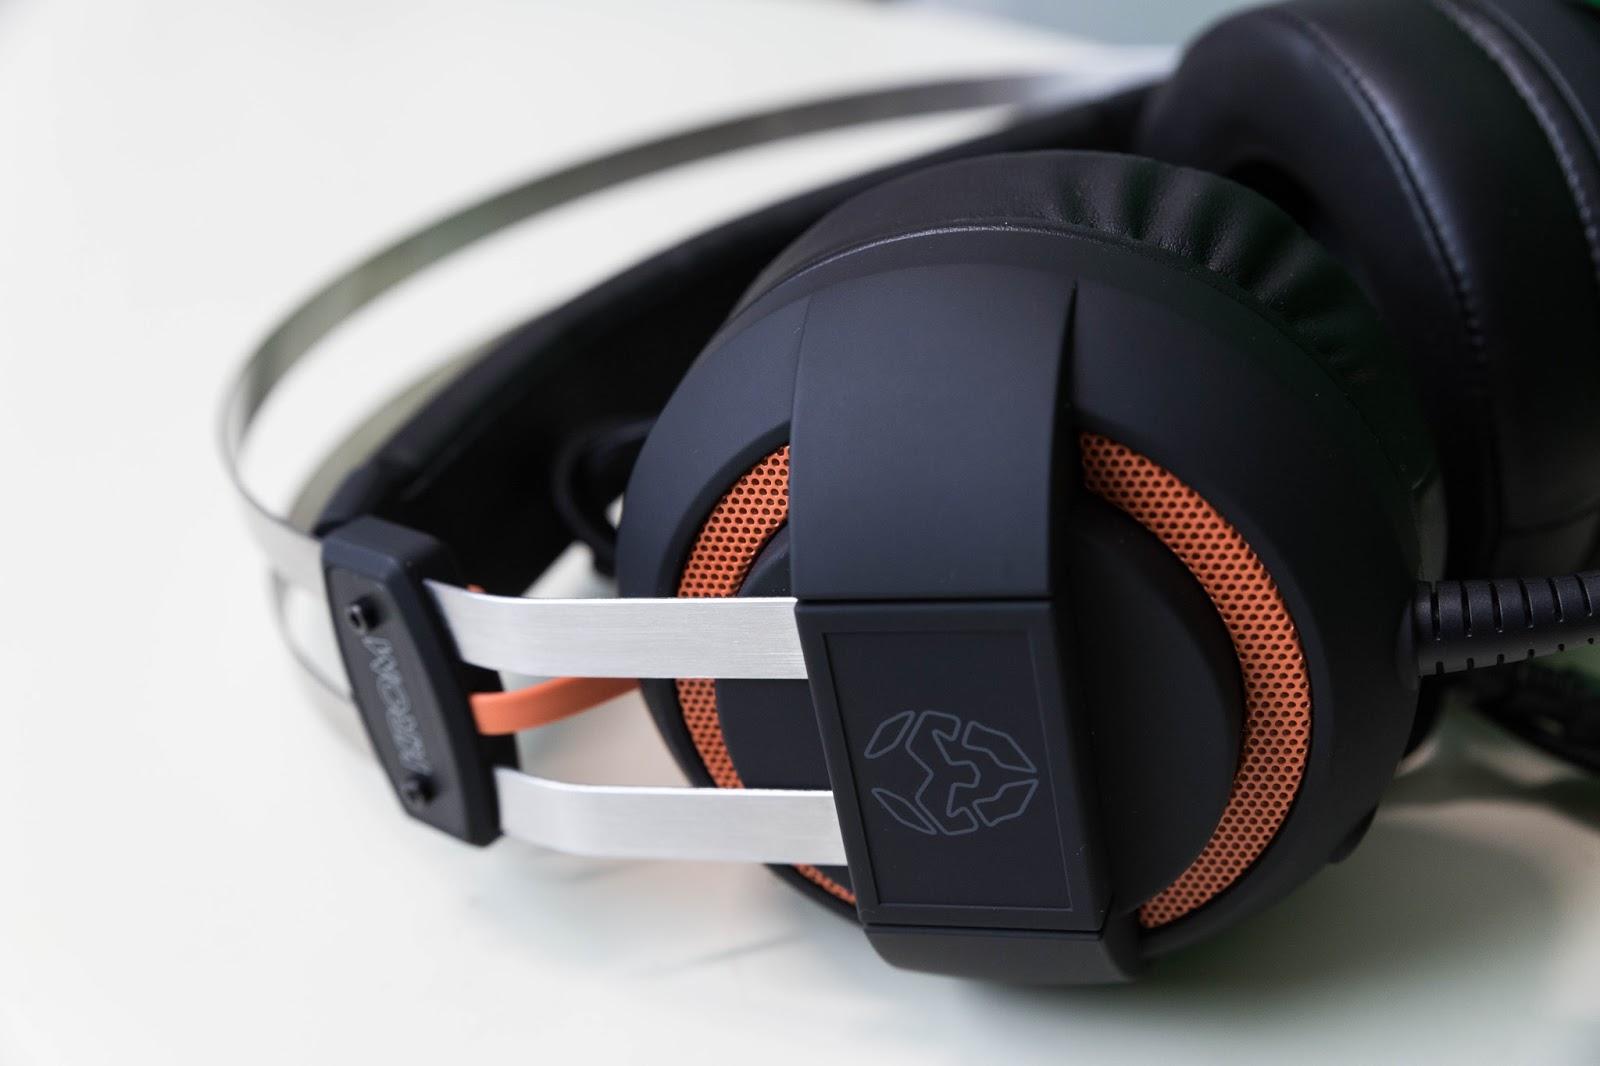 4c92a59faa3a También tenemos control de volumen y la opción de silenciar el micrófono en  un pequeño mando situado en el cable. El cable que posee es trenzado y no  es ...